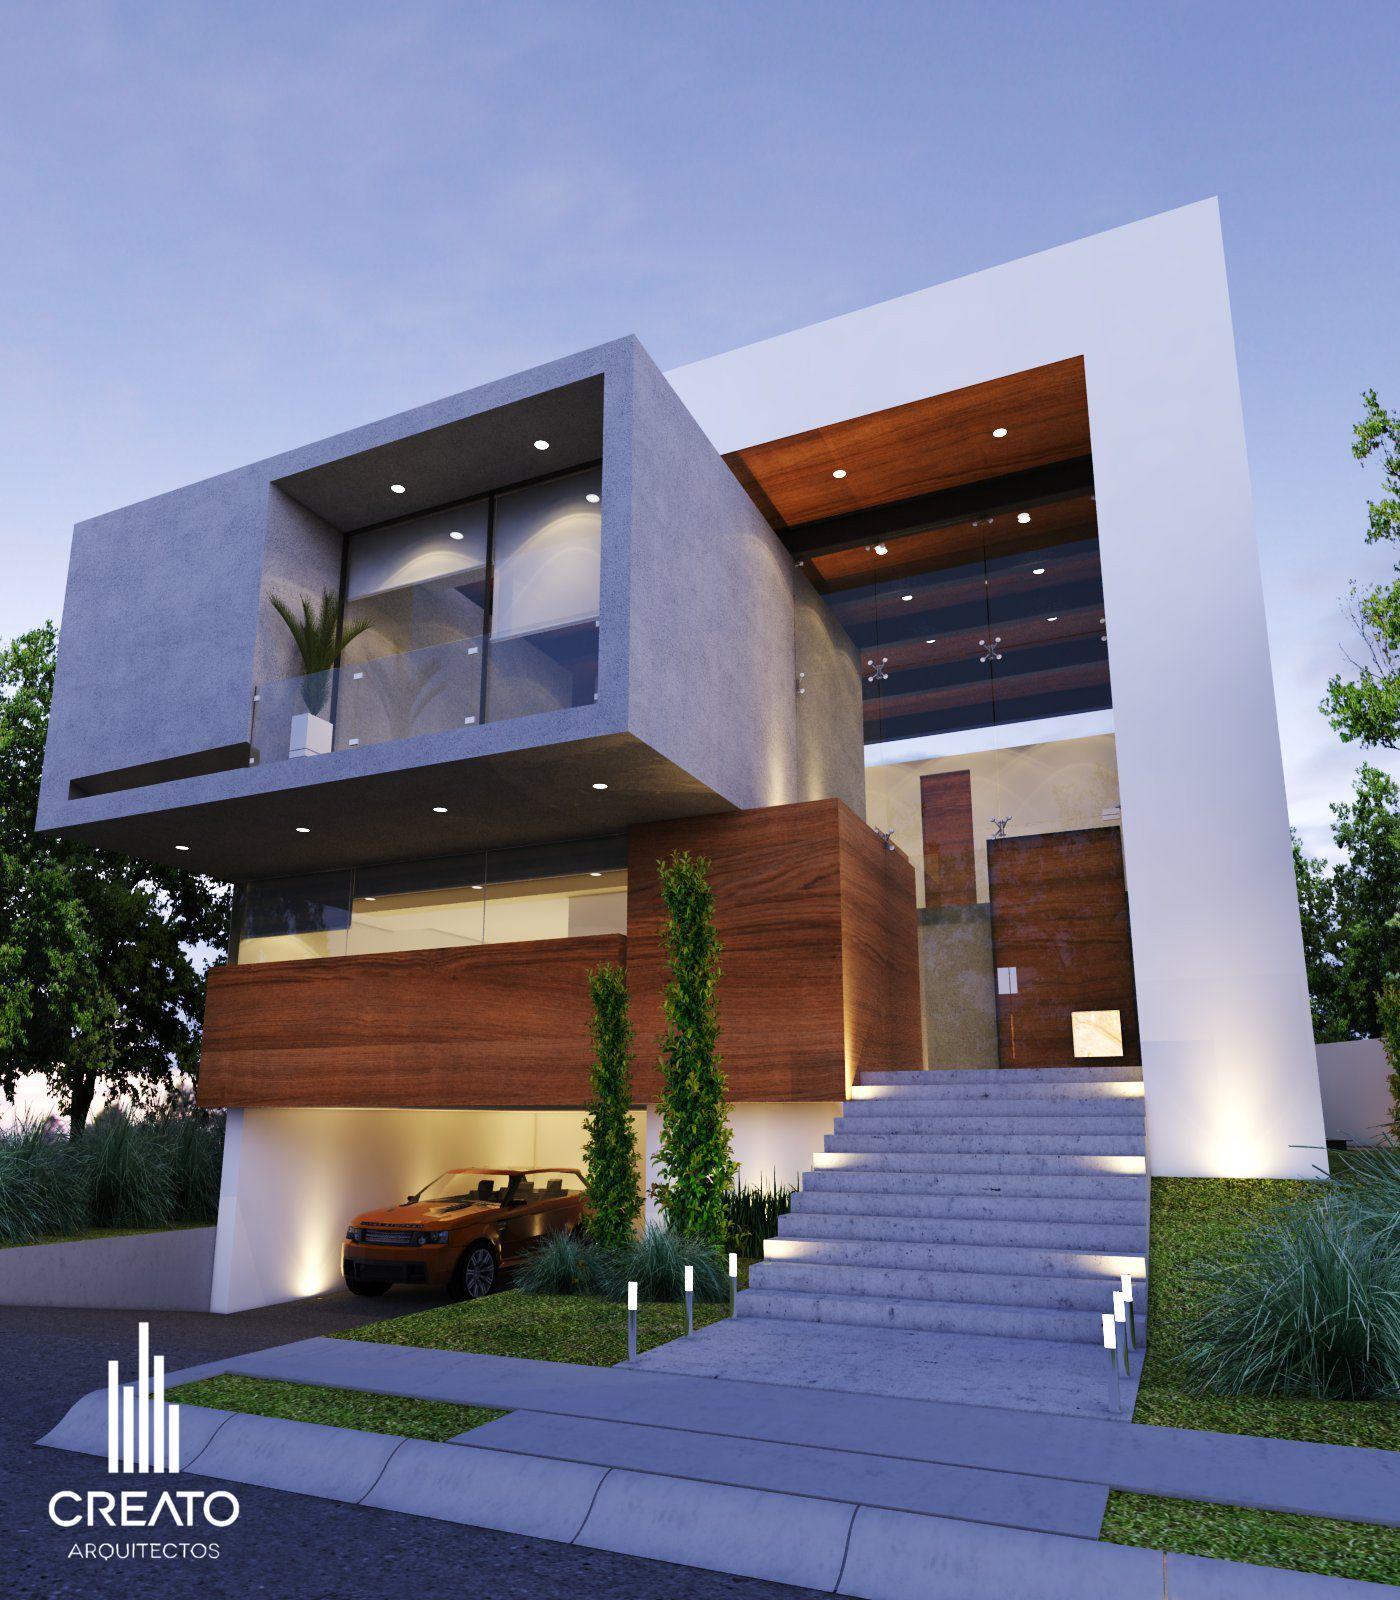 Casa campo lago creato arquitectos arquiyeah pinterest casas casas modernas y arquitectura - Arquitectos casas modernas ...